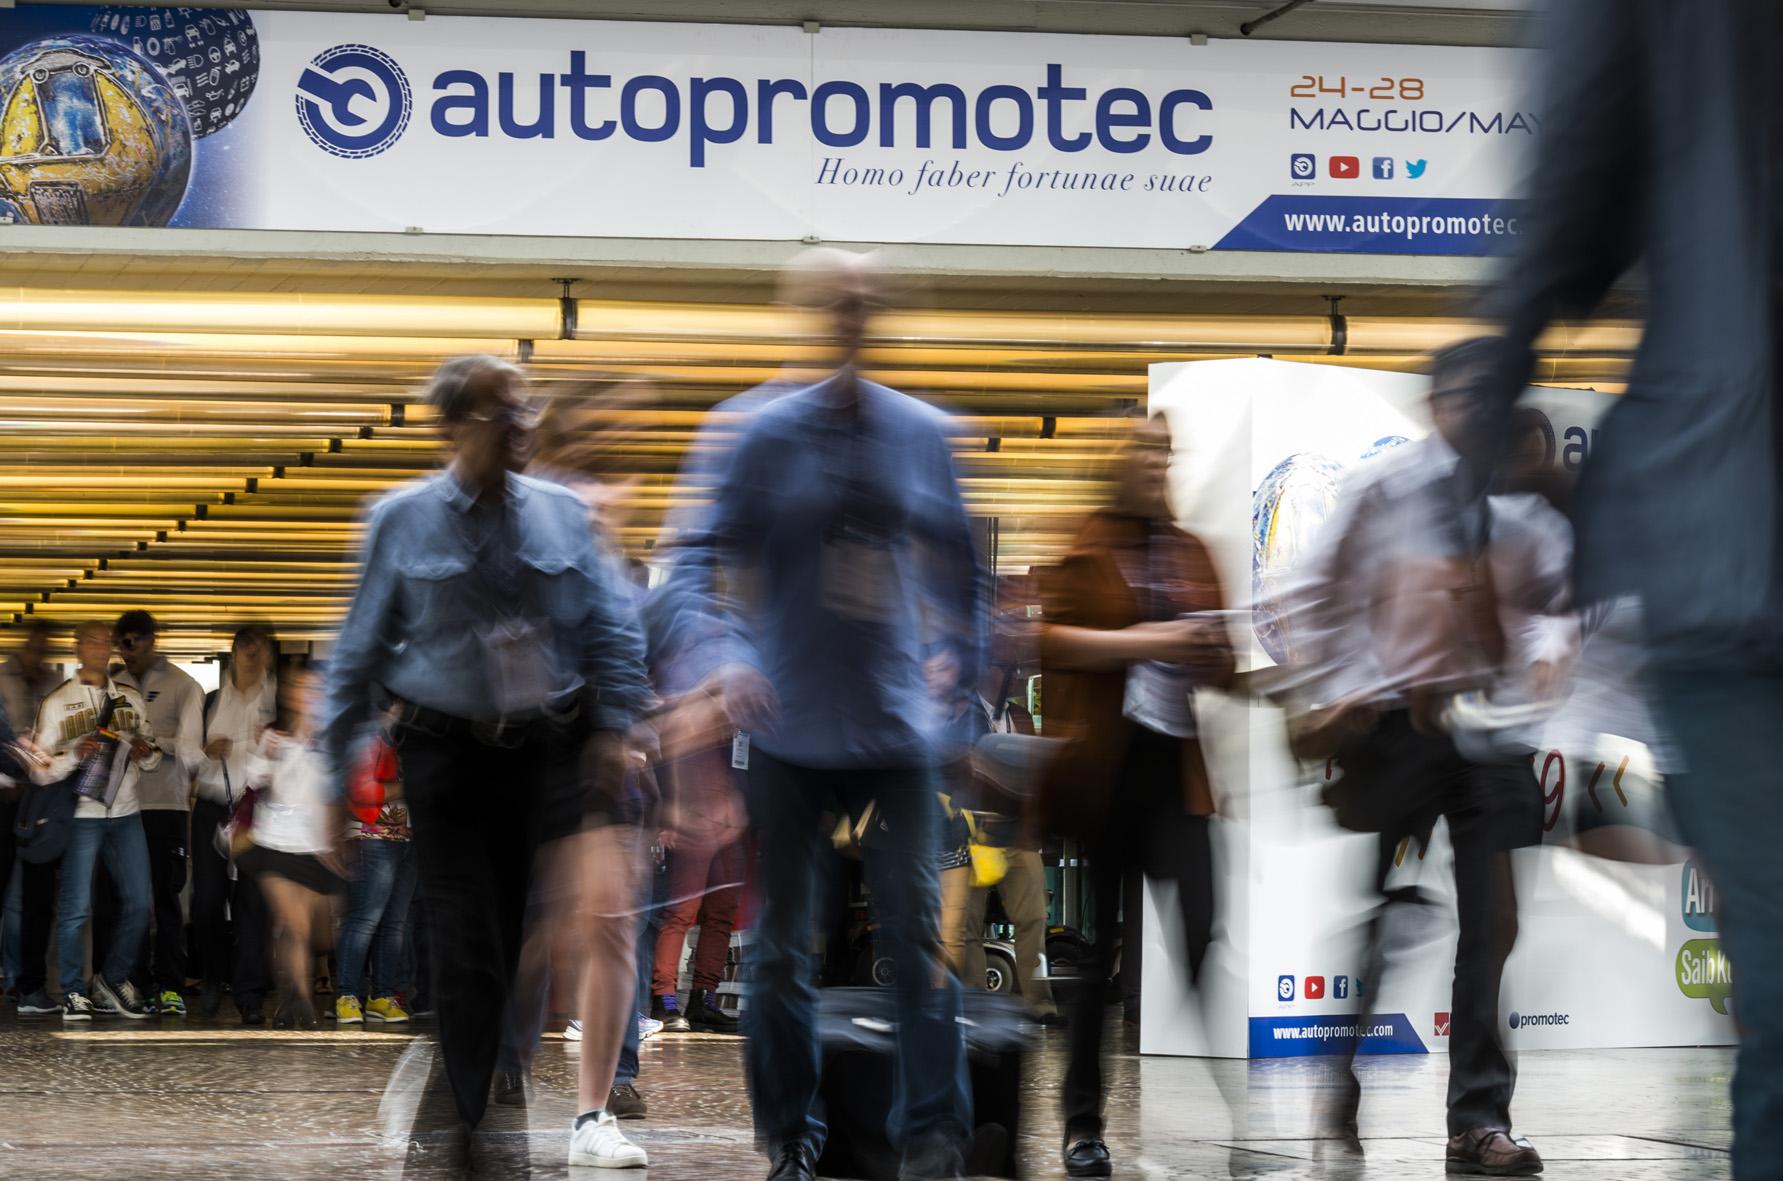 Autopromotec 2019: si riparte per la 28^ edizione con importanti novità